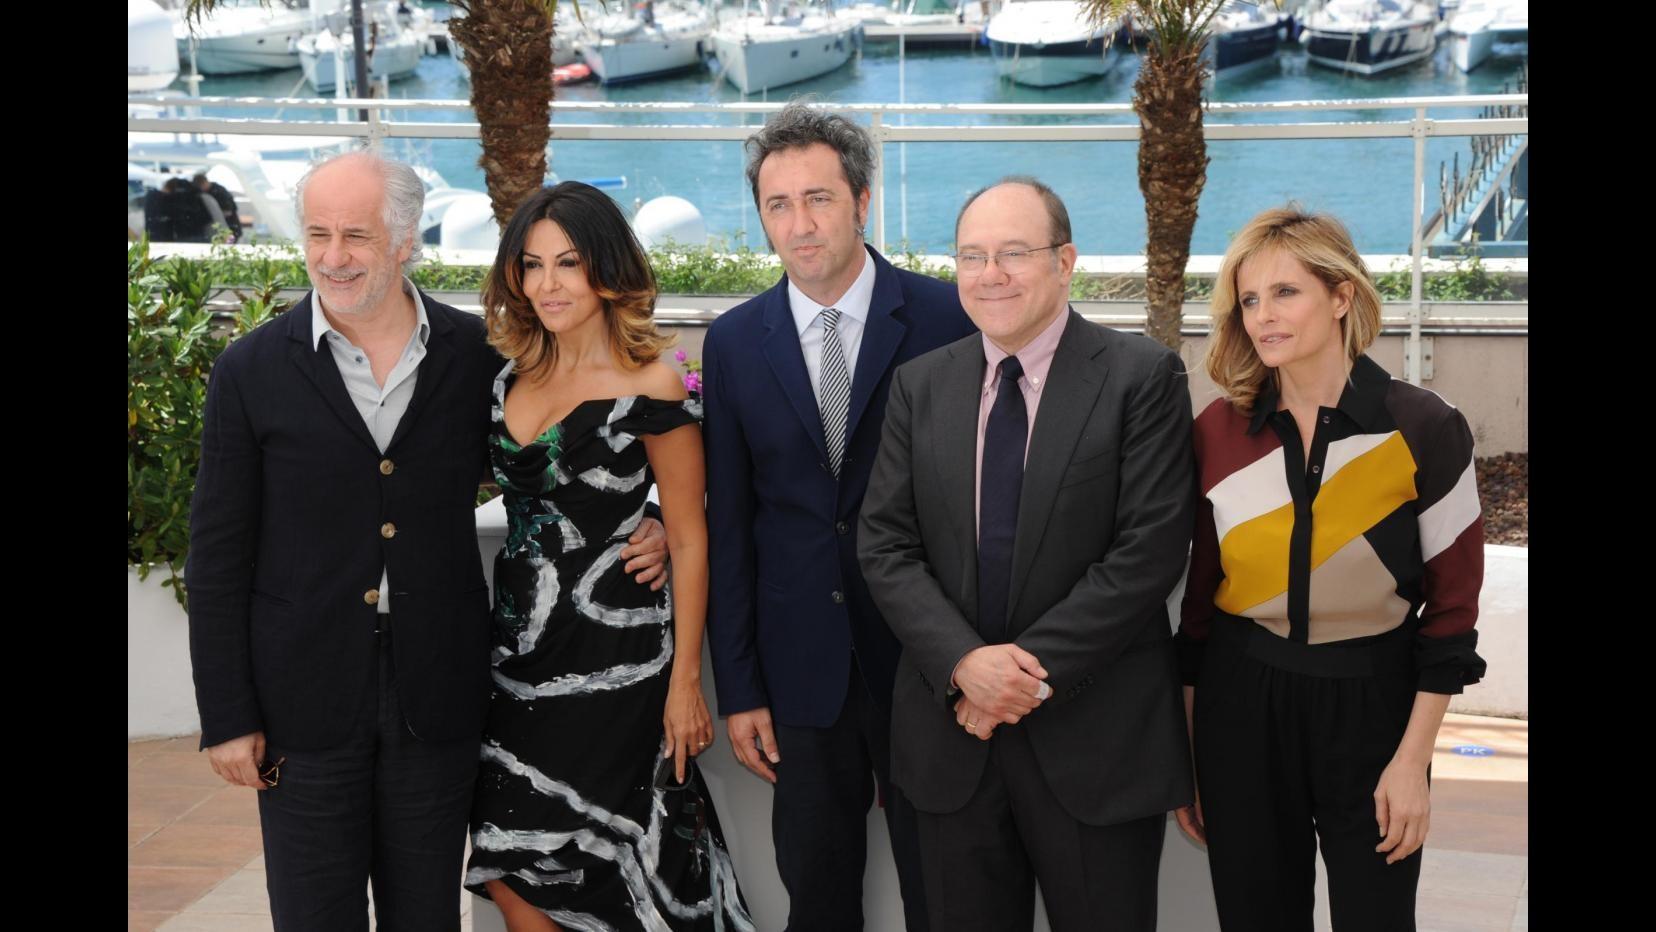 Oscar, Sorrentino candidato con 'La grande bellezza' per miglior film straniero